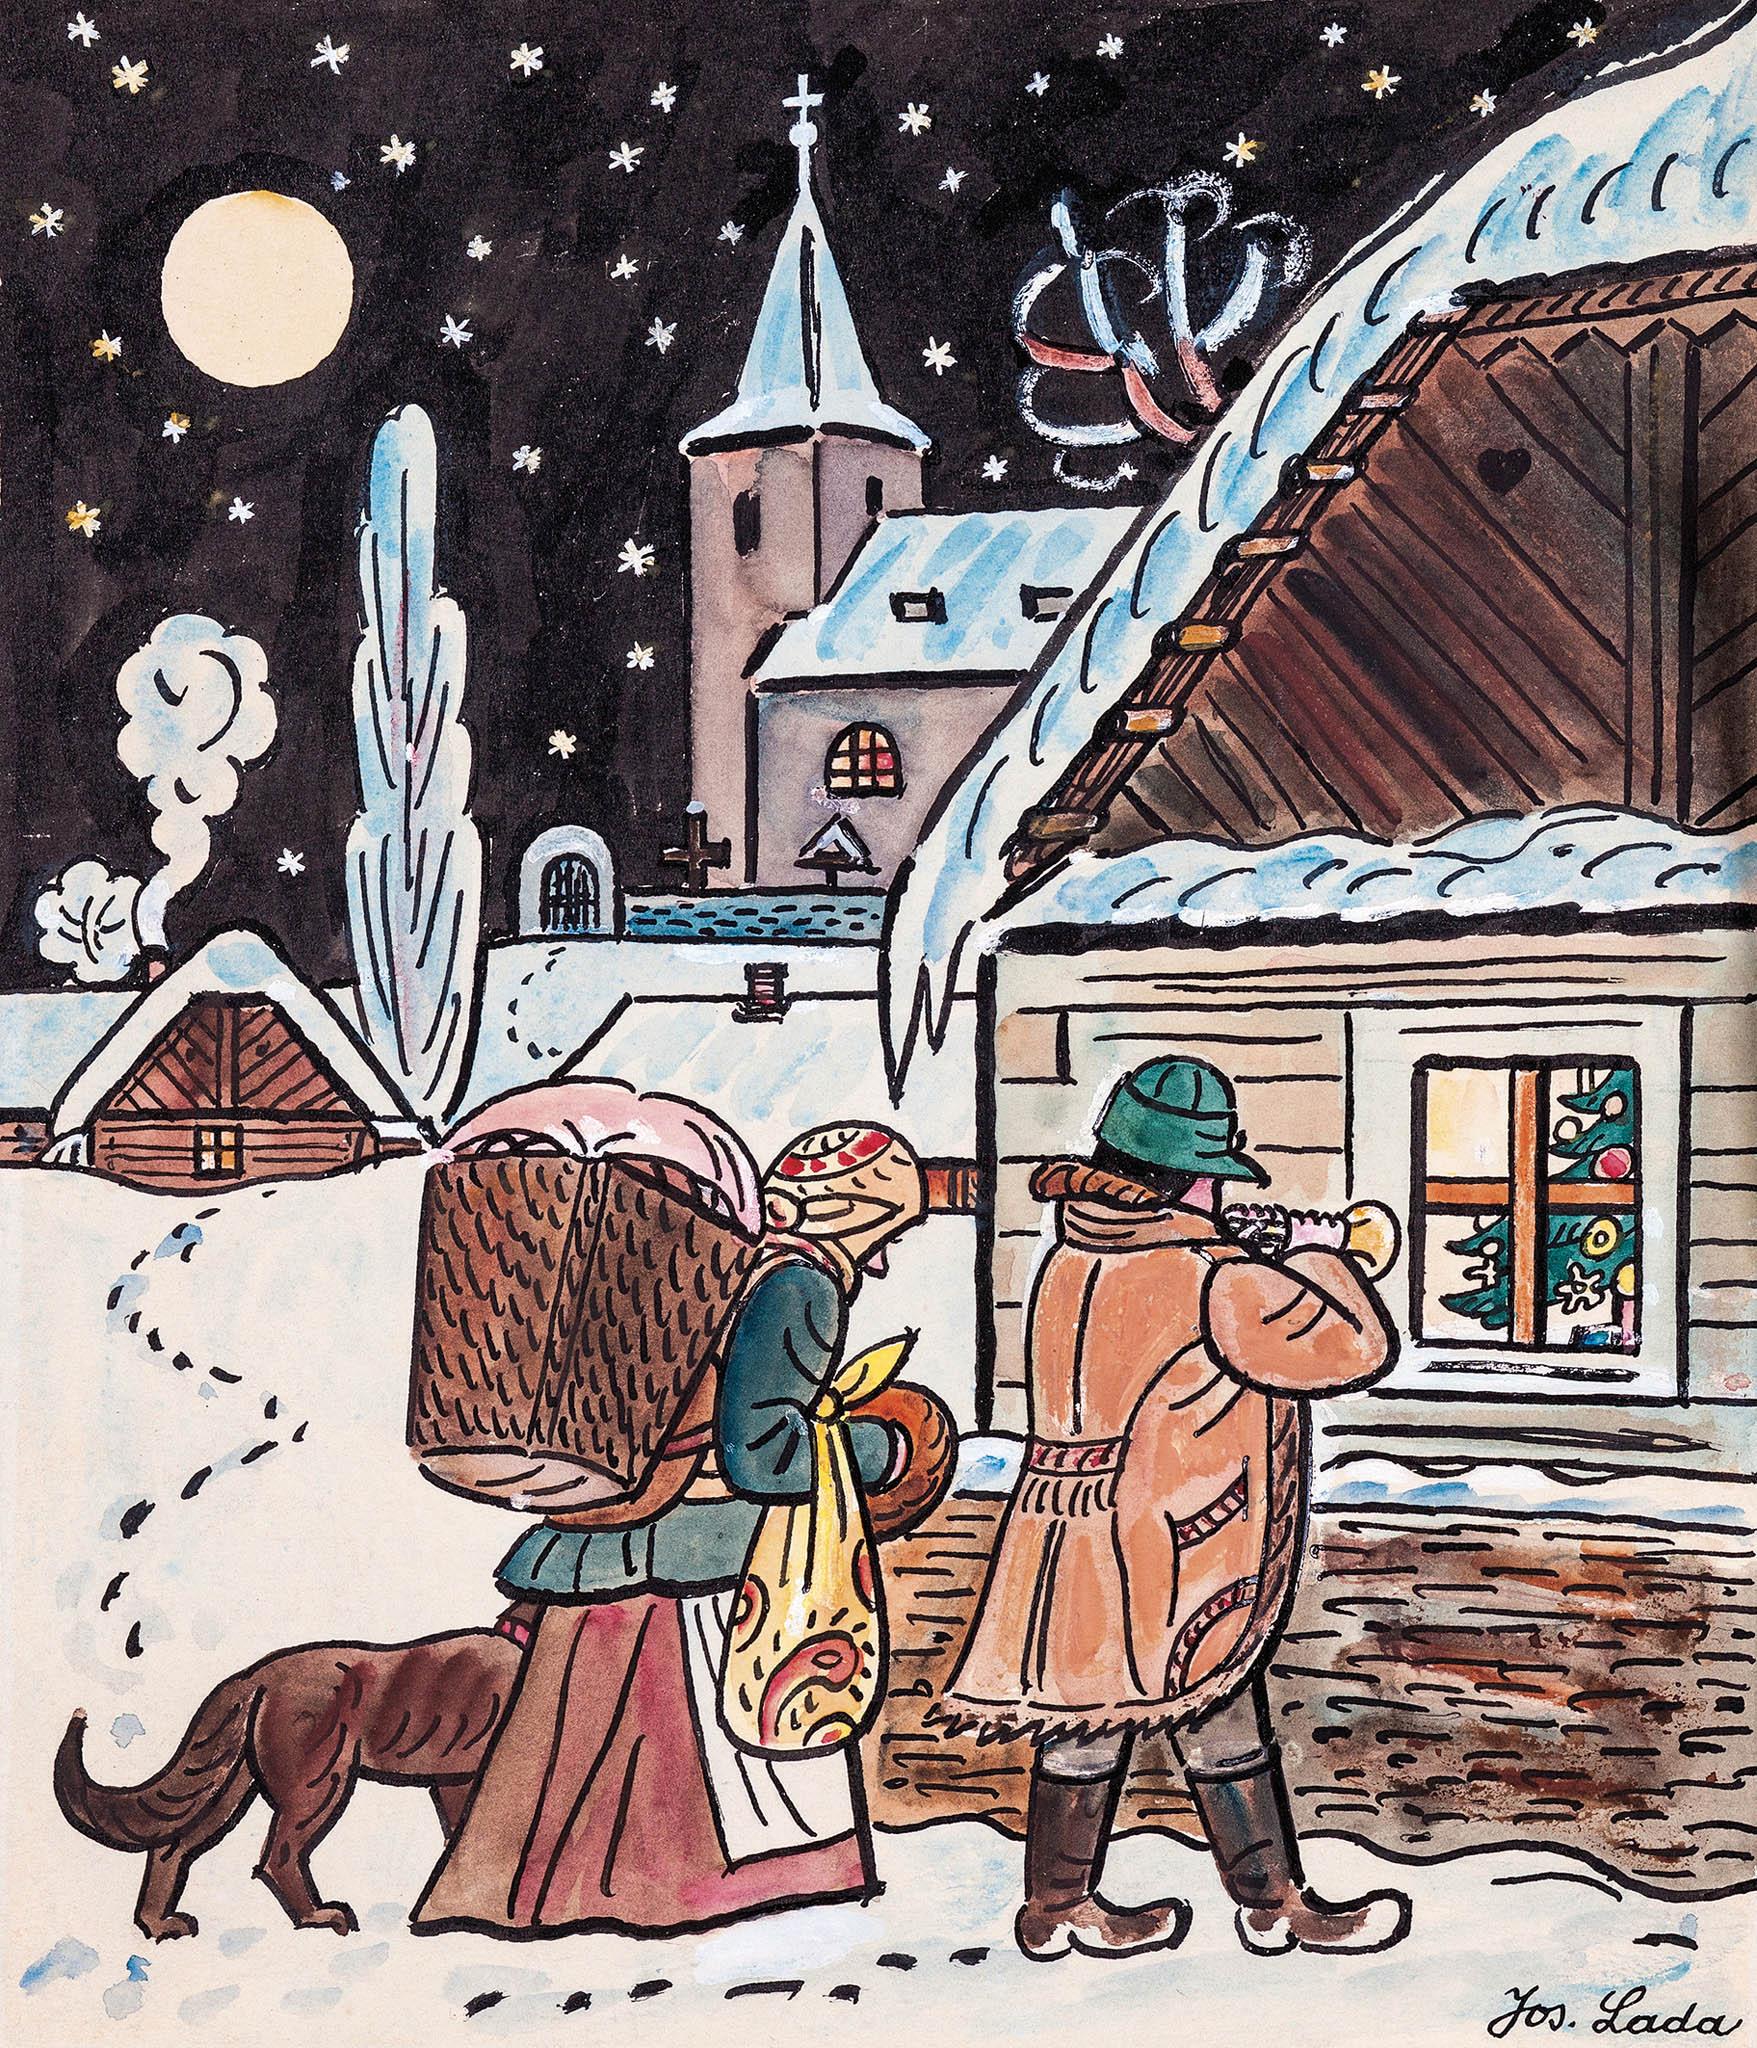 Štědrý večer od Josefa Lady bude k mání počátkem adventu. Vyvolávací cena je 550tisíc korun.